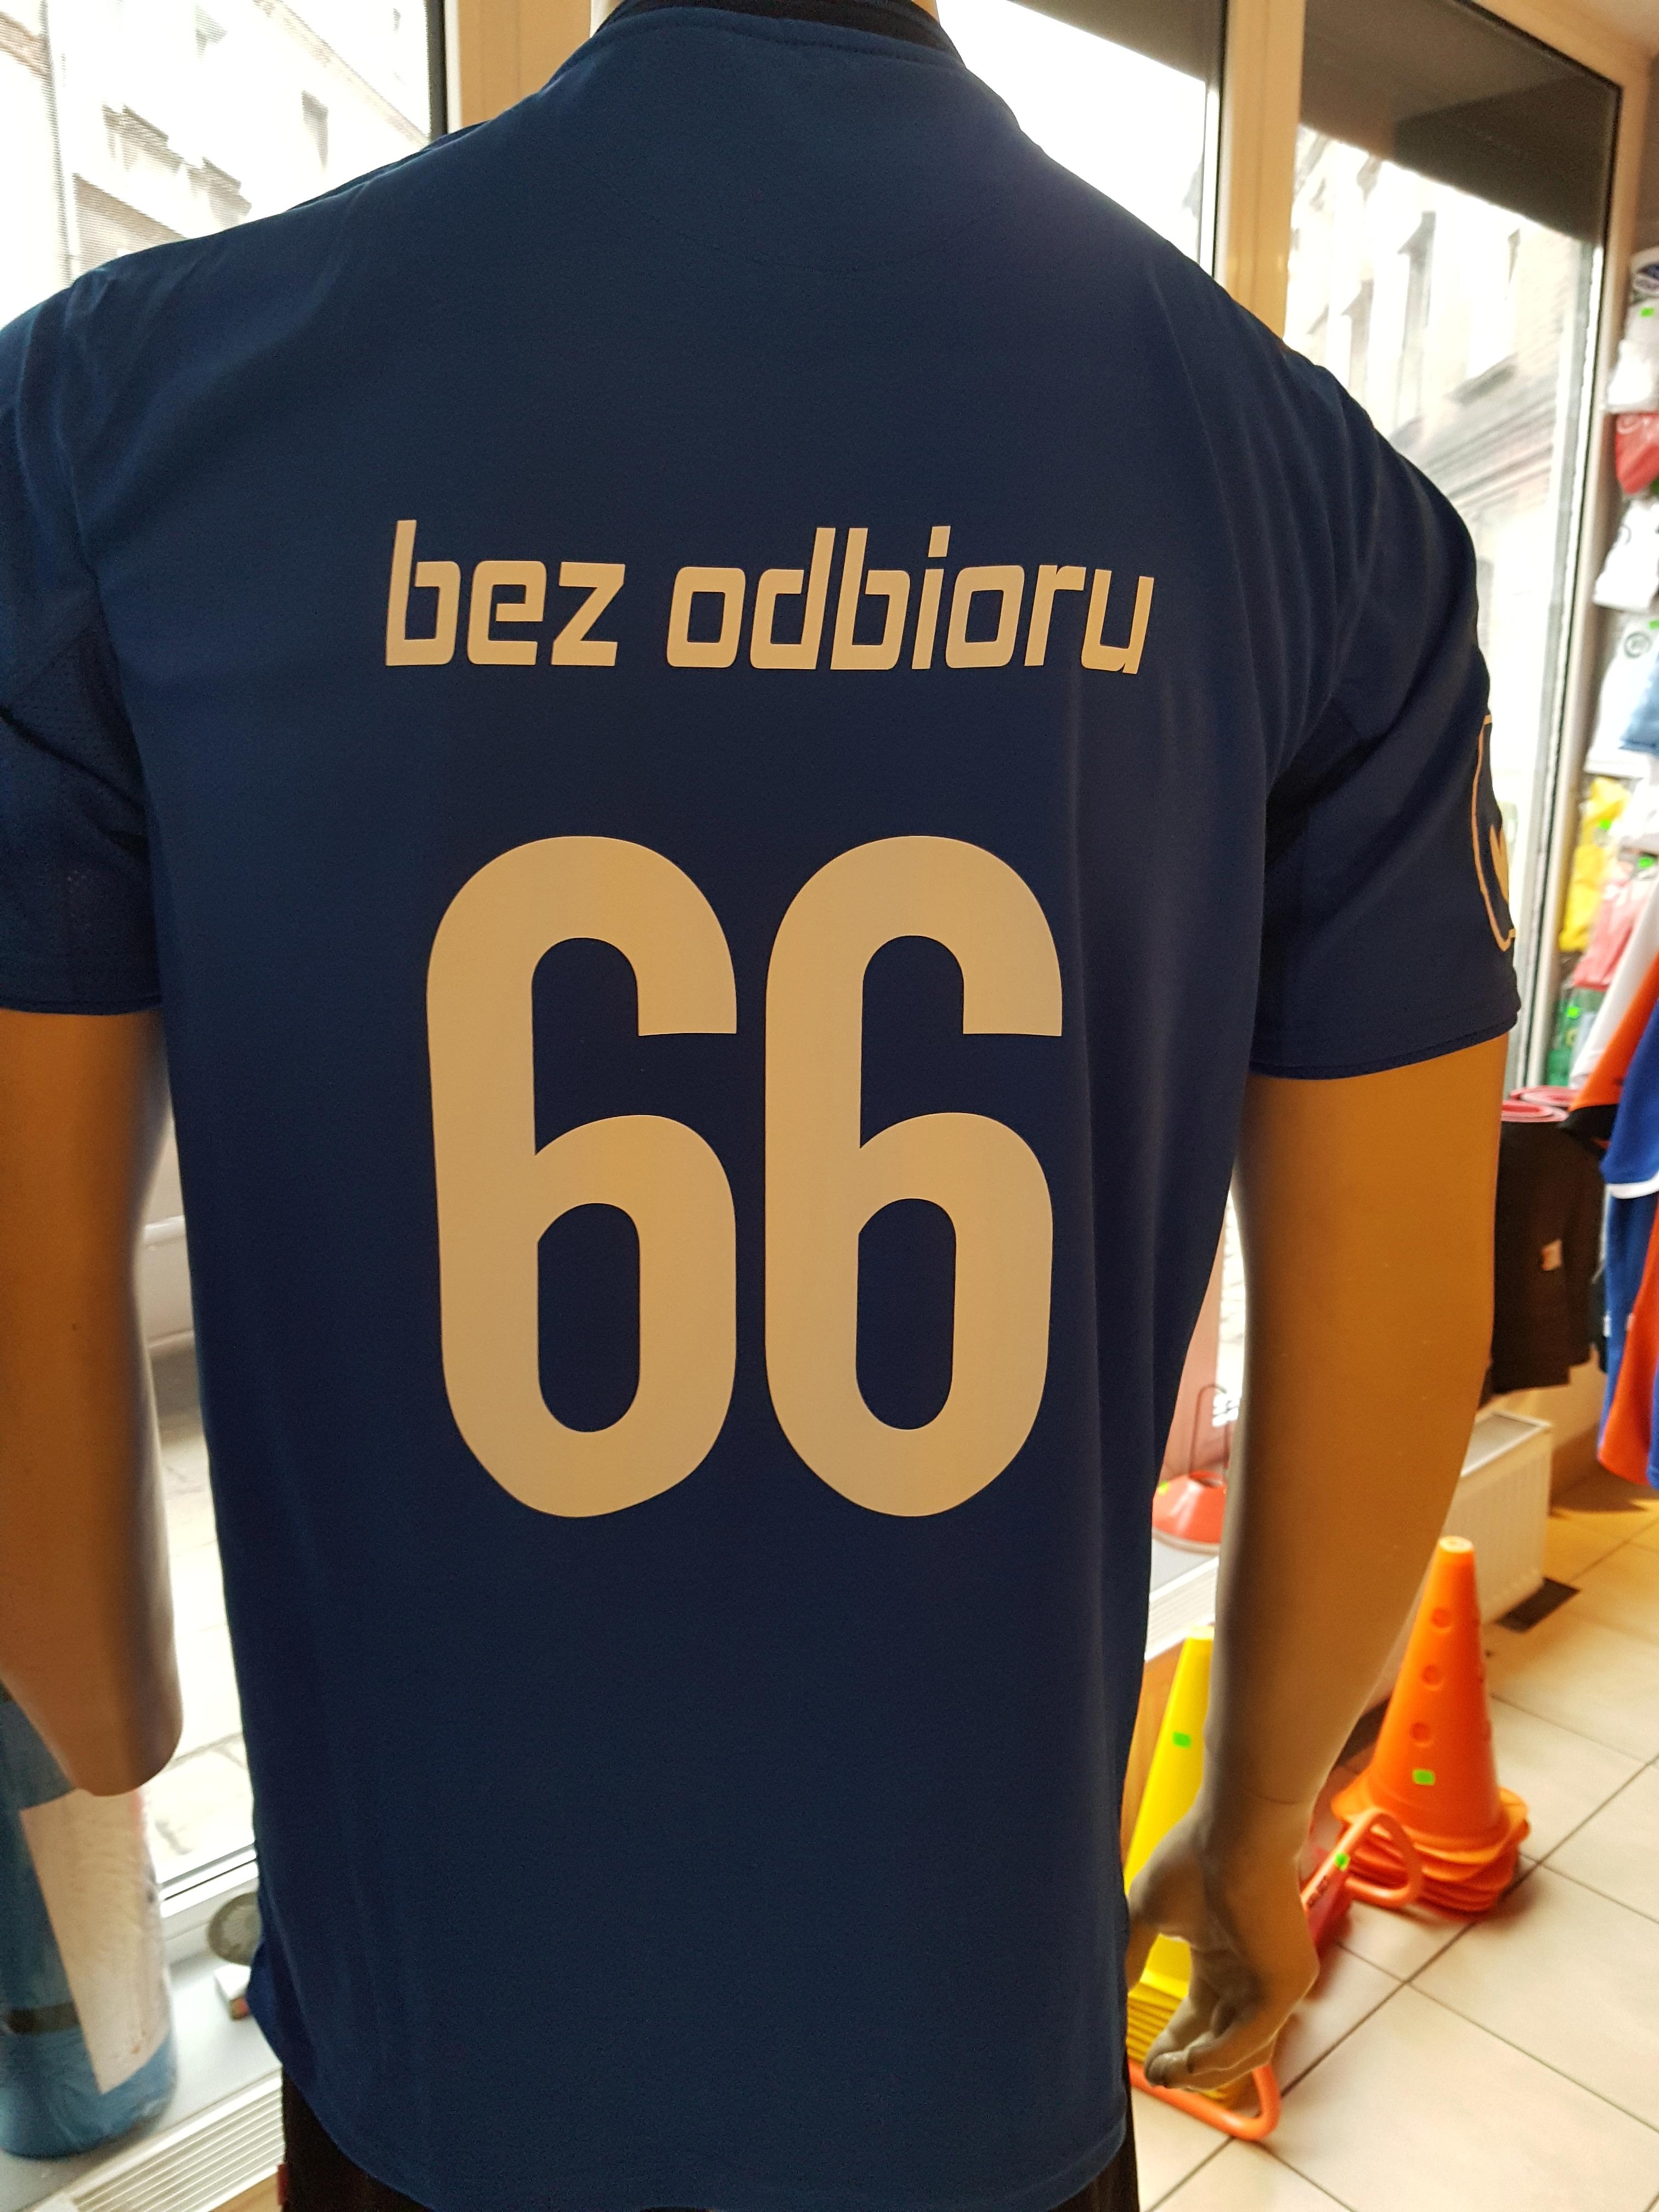 numer promocyjny i napis czcionką klienta na plecach koszulki